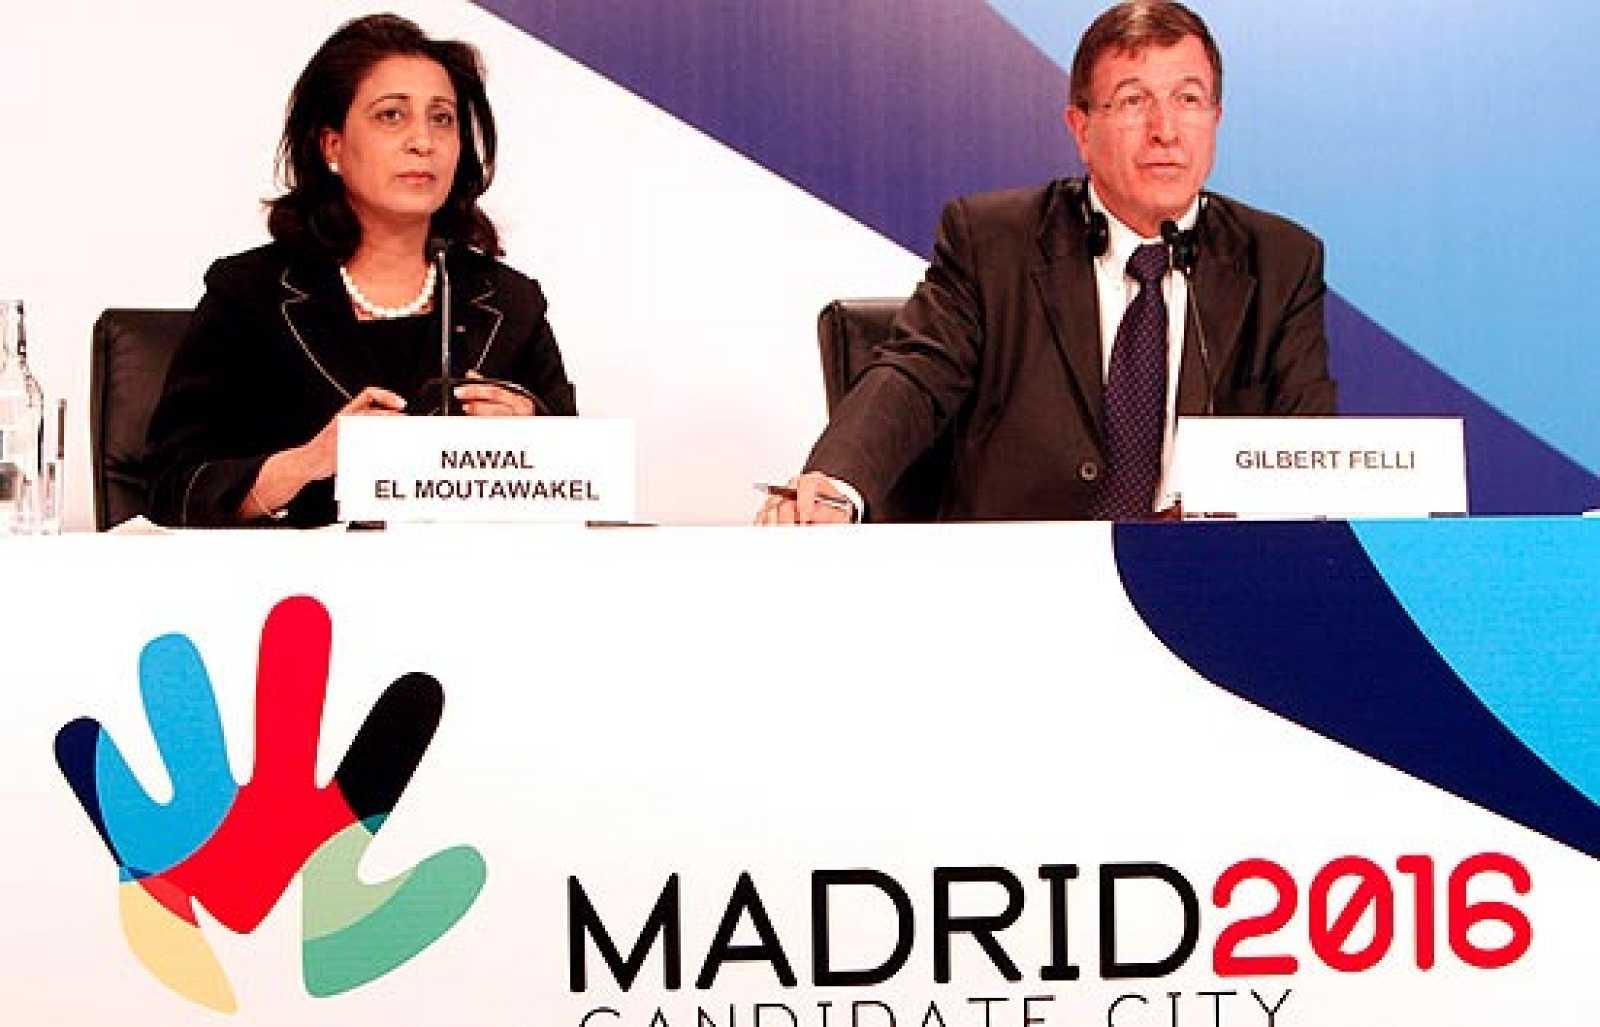 Los representantes del COI han explicado sus impresiones después de su visita durante la última semana en Madrid para evaluar la candidatura de la capital para los Juegos de 2016.